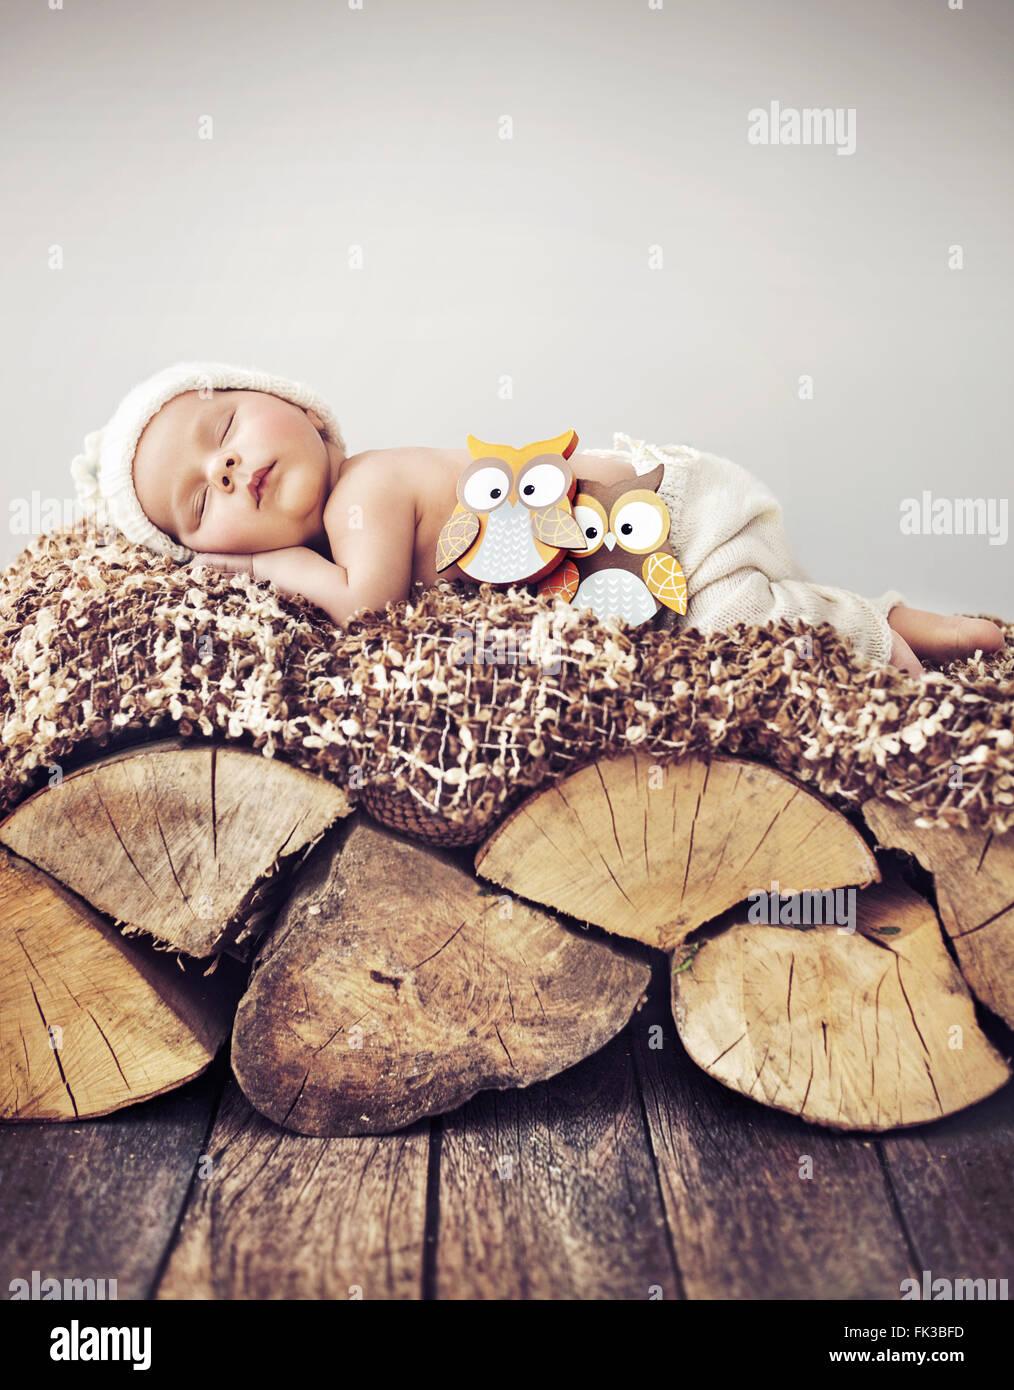 Retrato de un niño durmiendo sobre madera Imagen De Stock